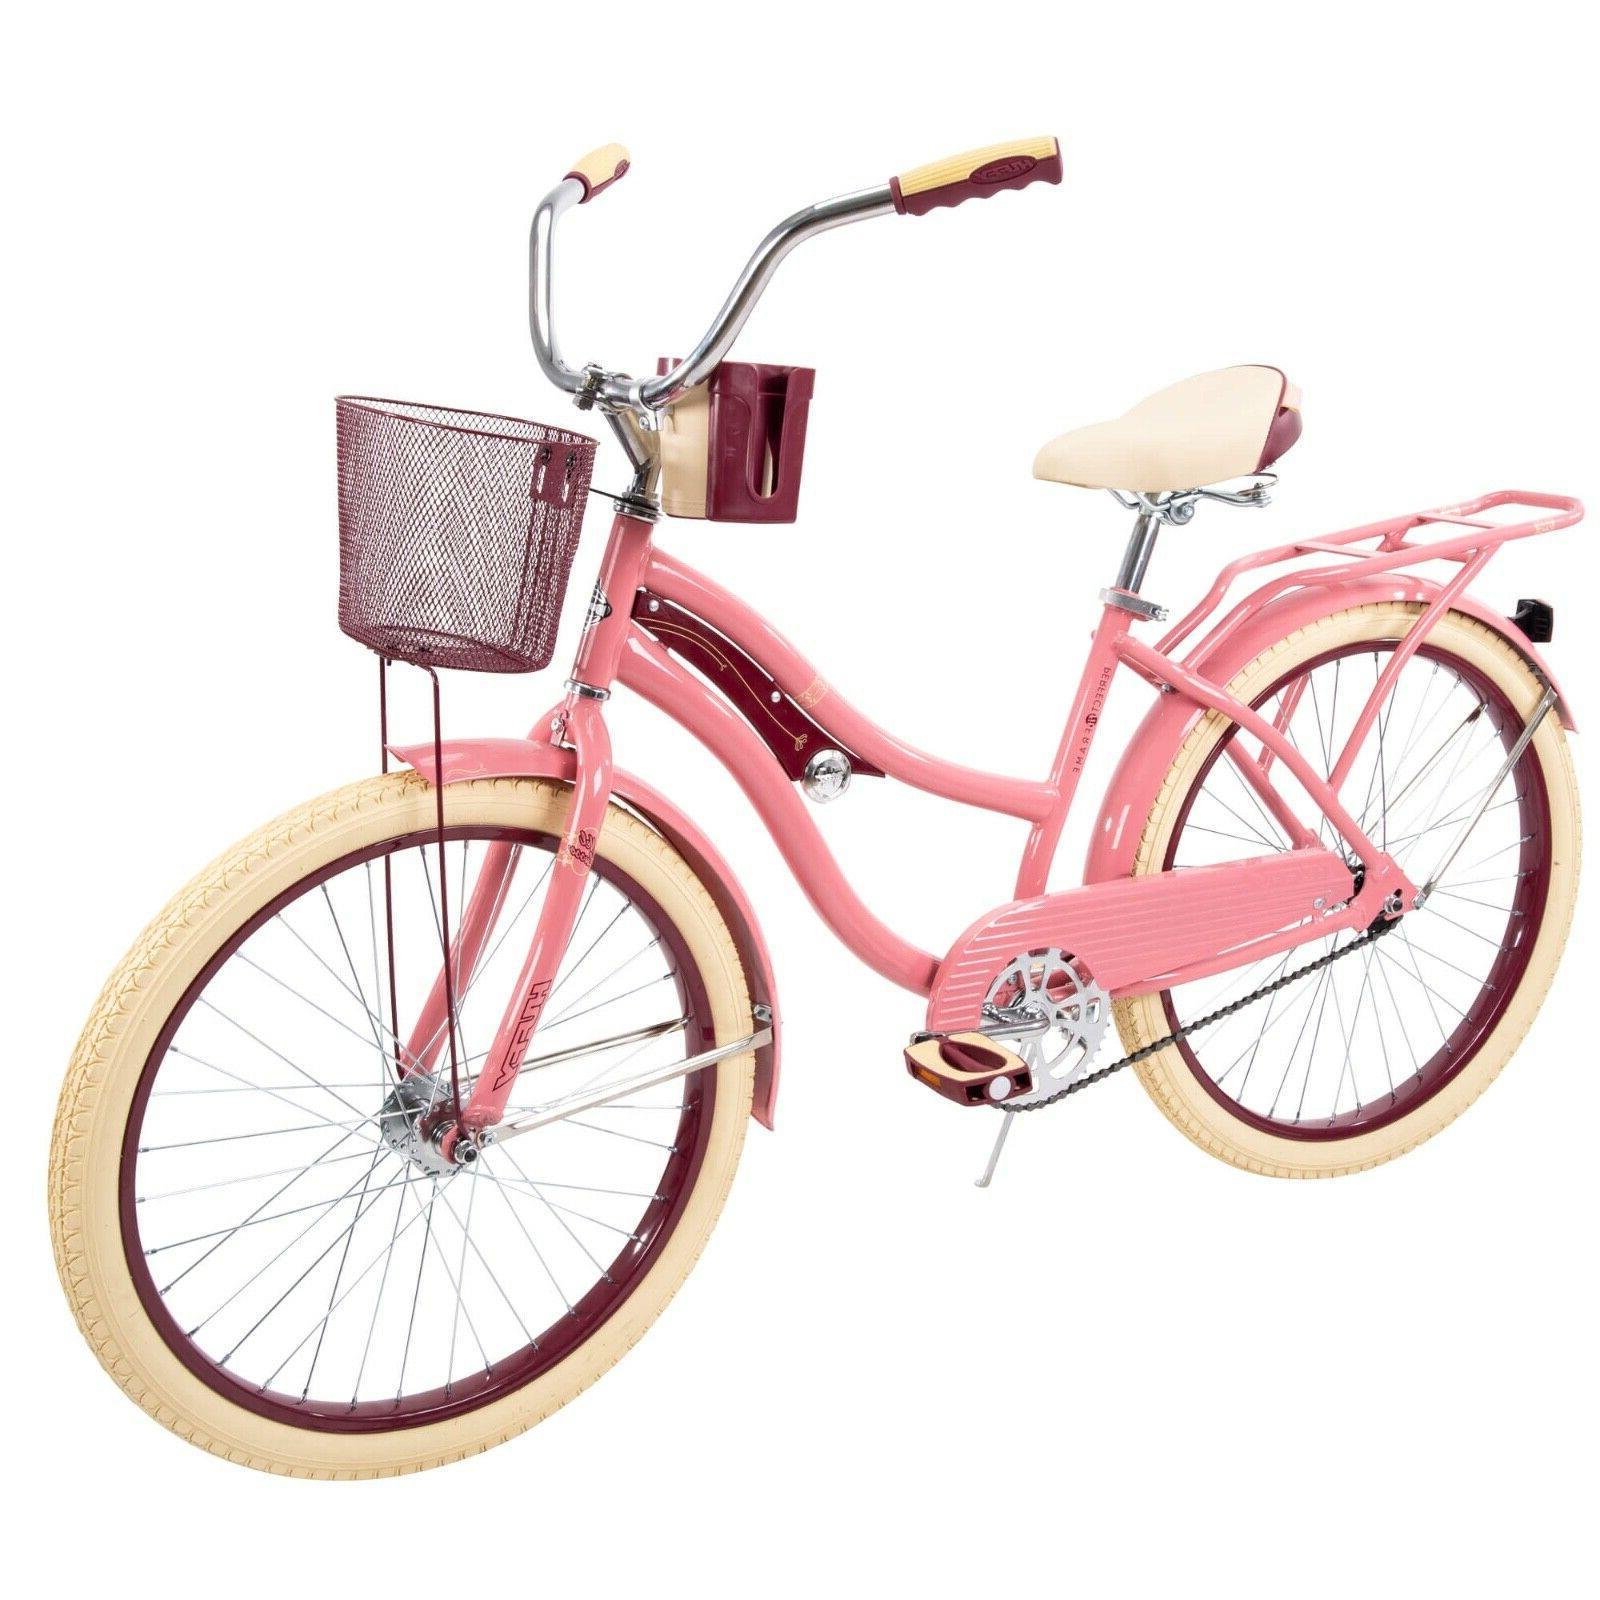 54578 nel lusso 24 inch cruiser bike